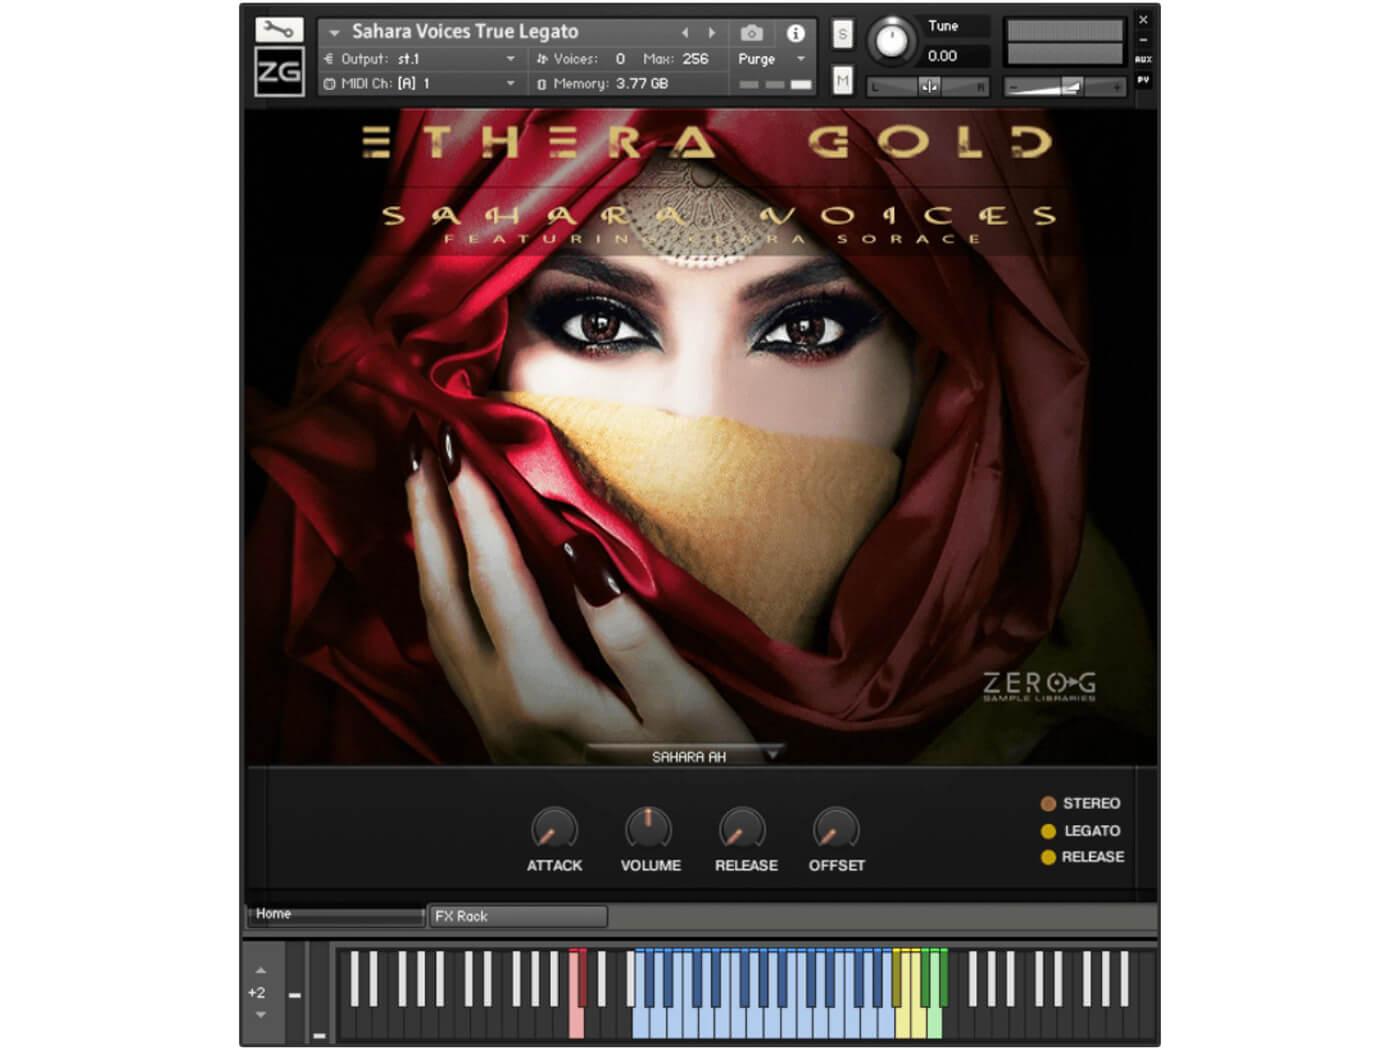 Zero-G - Ethera Gold Sahara Voices